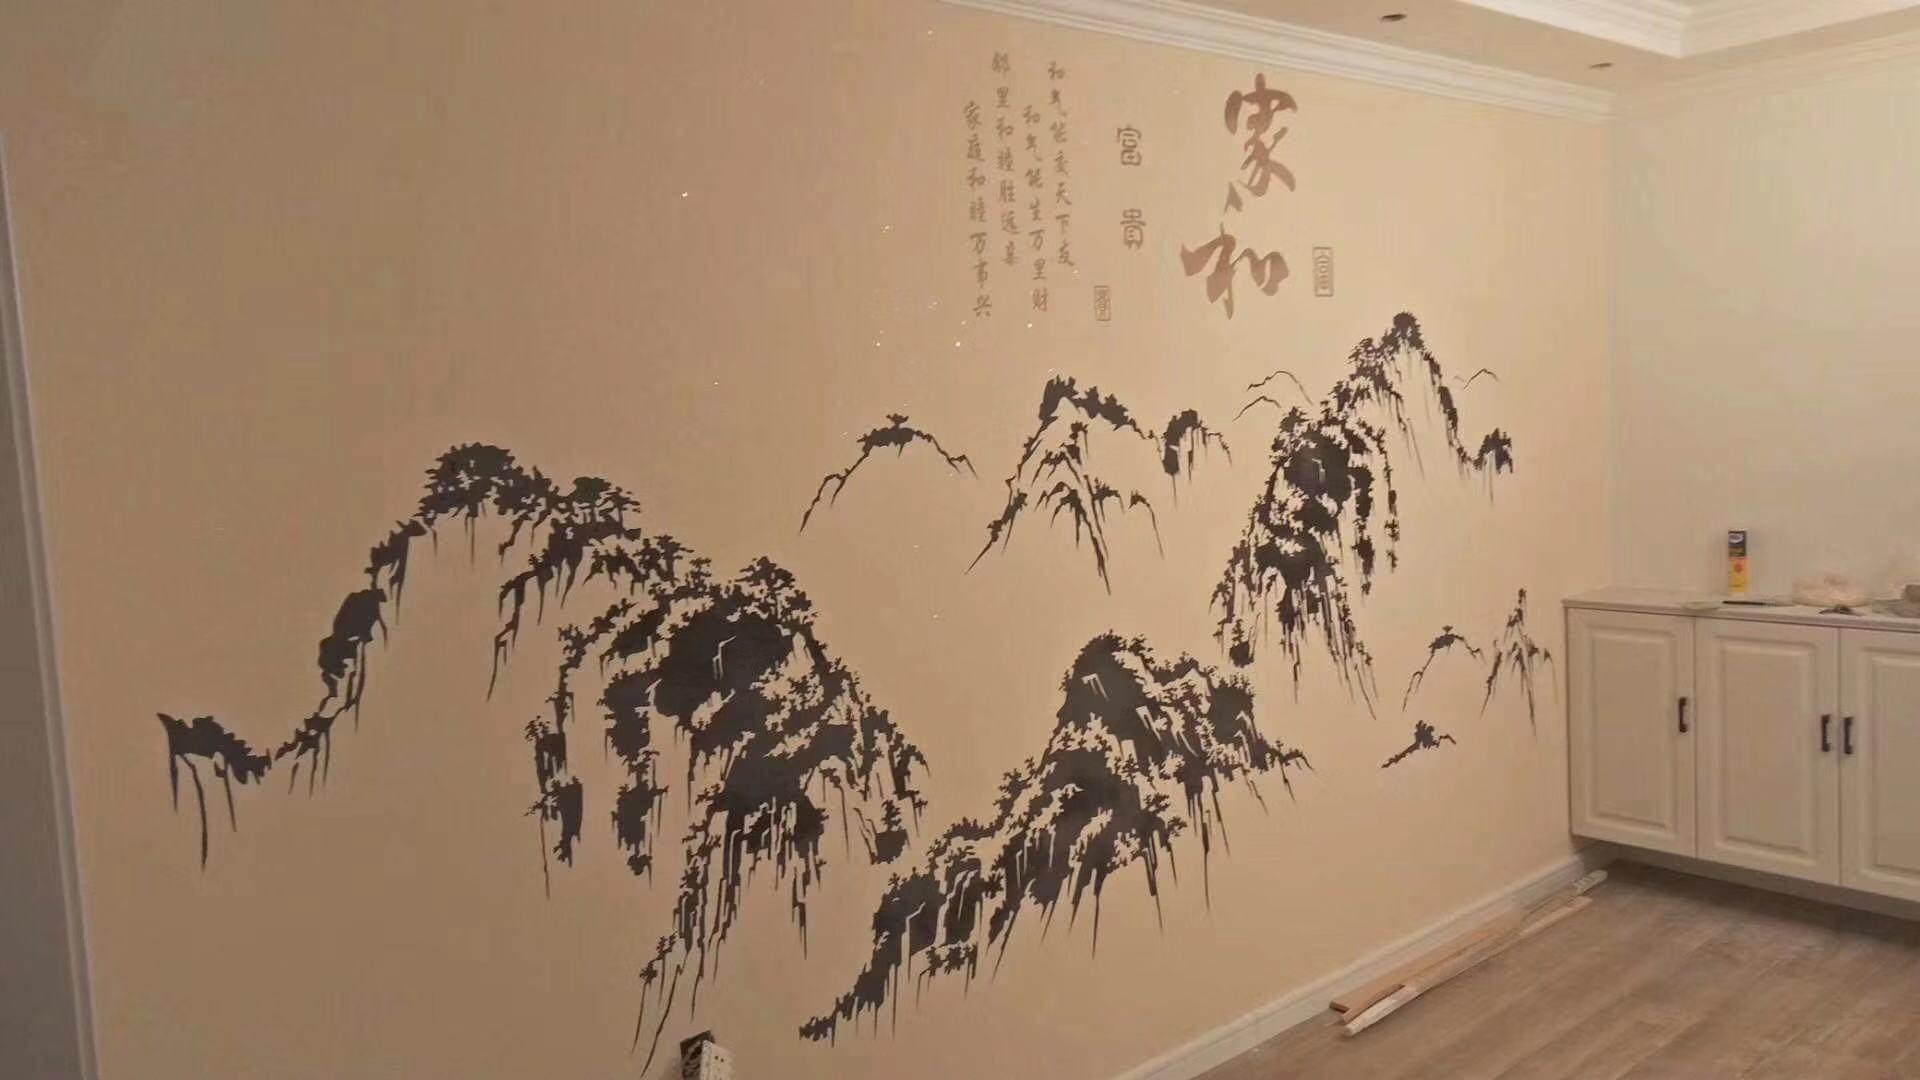 惠州二手房墙面修补墙面粉刷改刷颜色